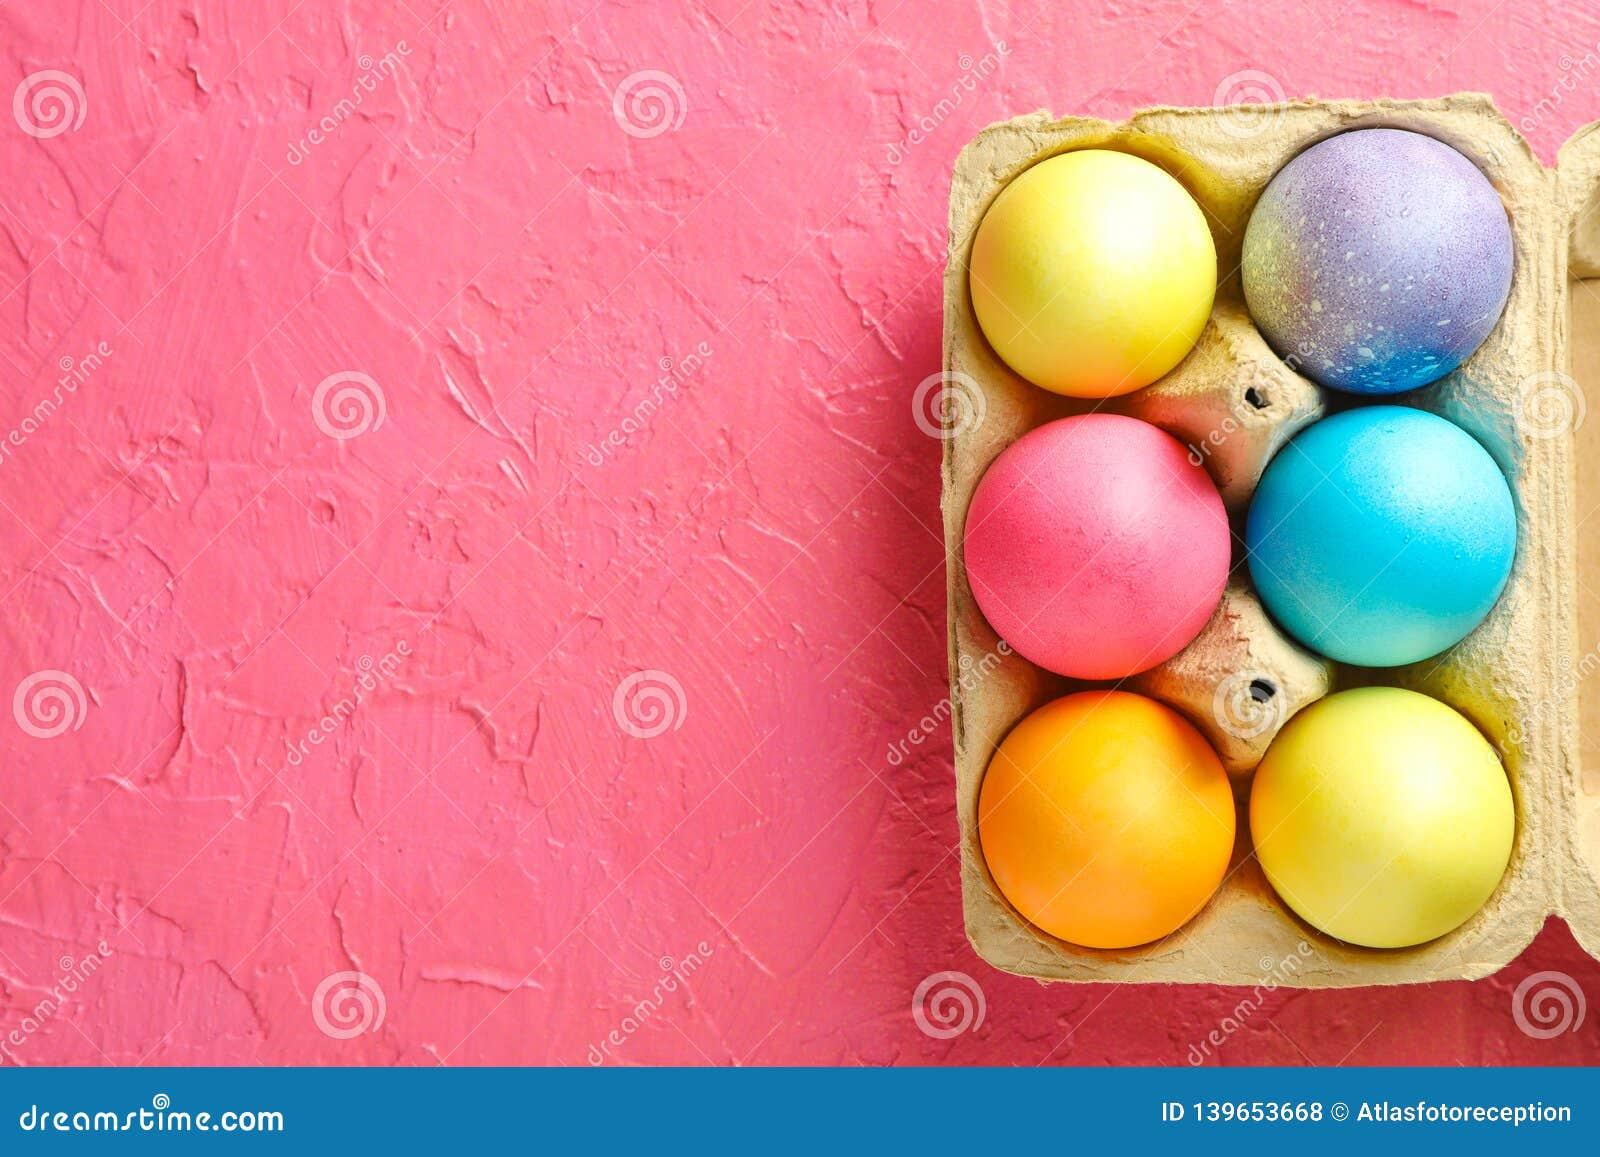 Ovos decorativos na caixa de cartão no fundo da cor, espaço para o texto